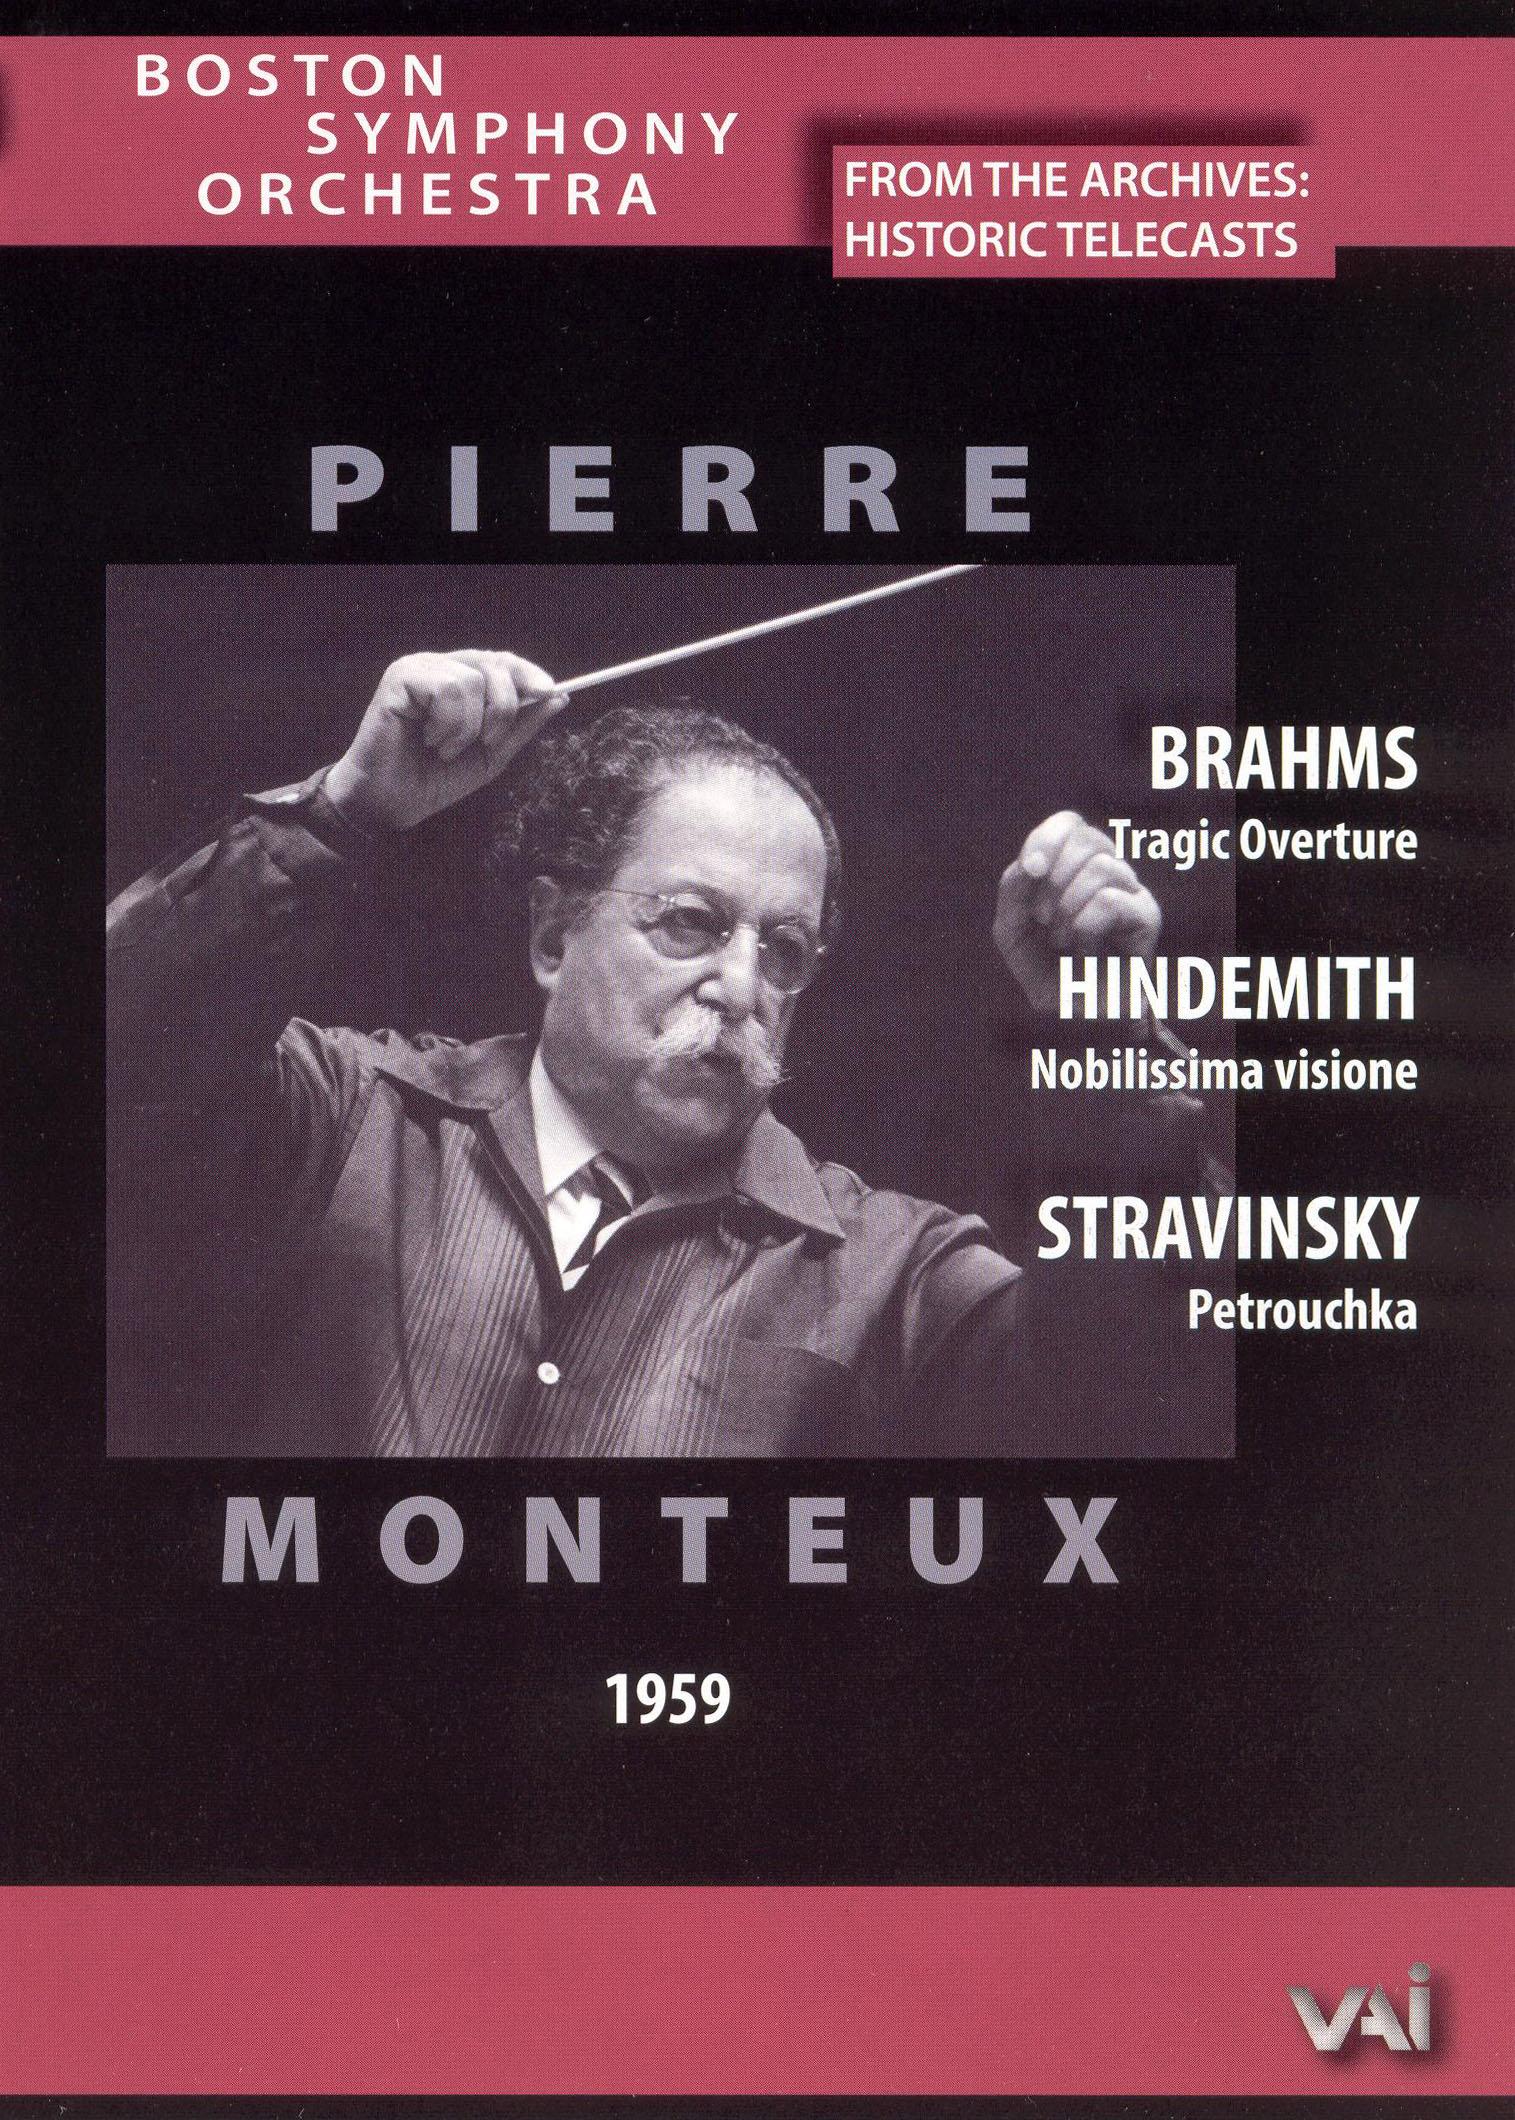 Pierre Monteux Conducts